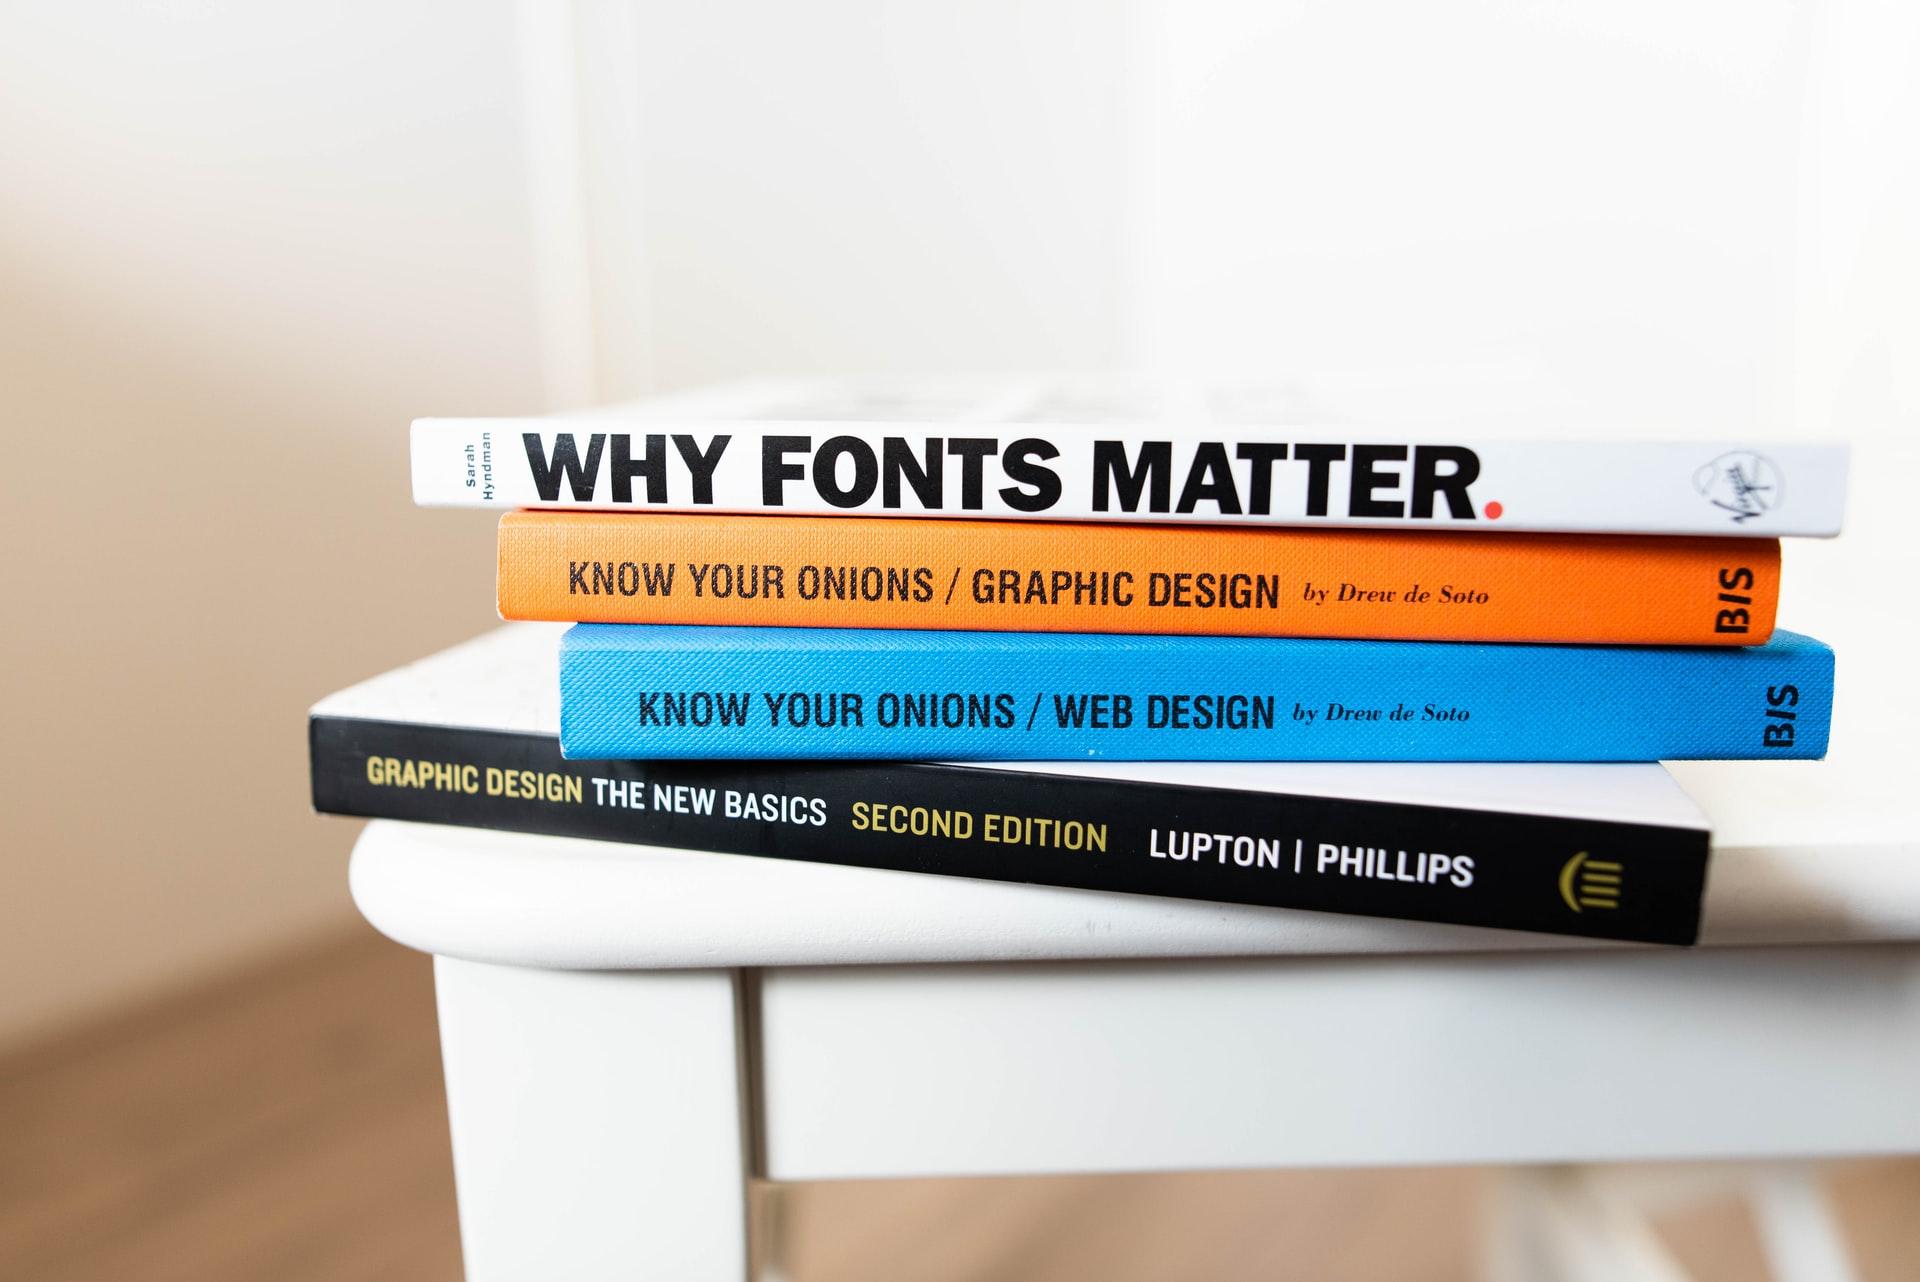 WEBフォントに関する本